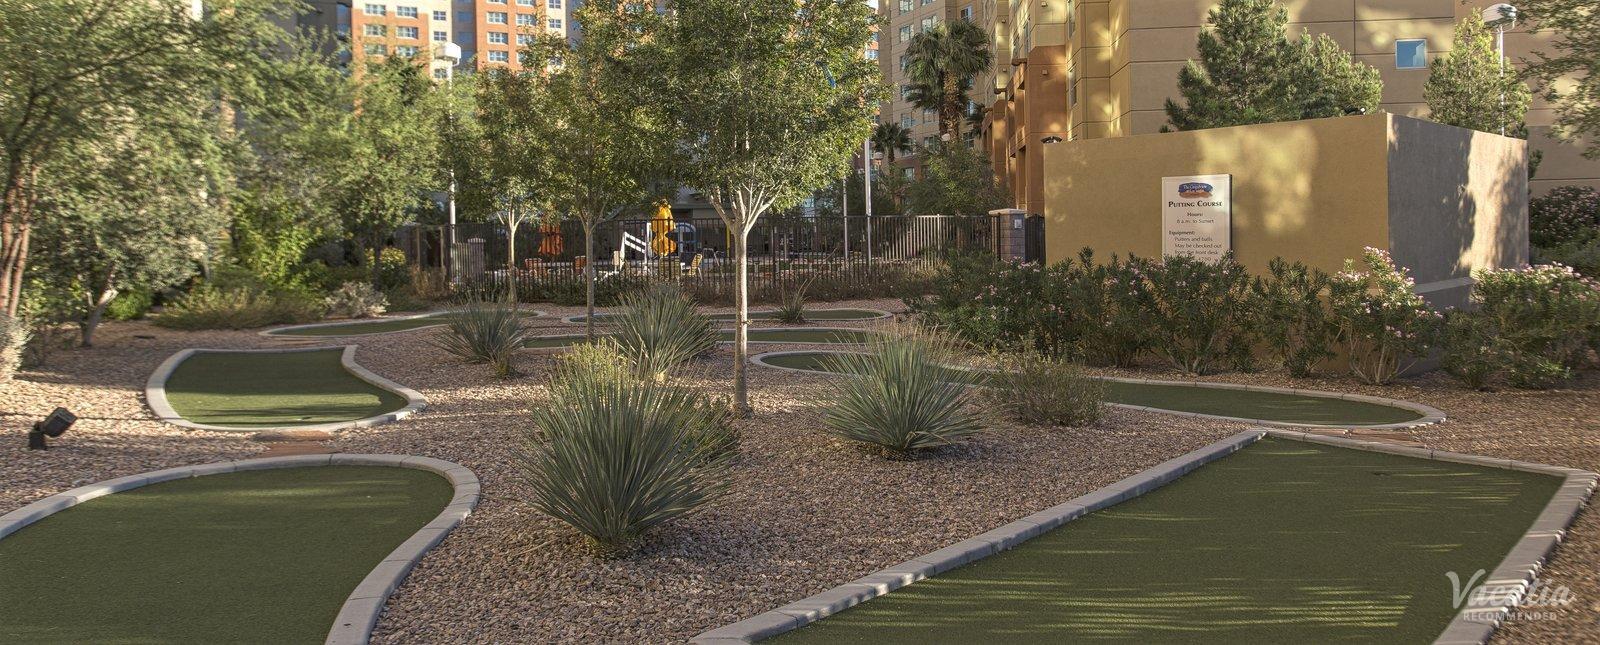 Grandview at Las Vegas - Grandview Resort - Las Vegas | Vacatia